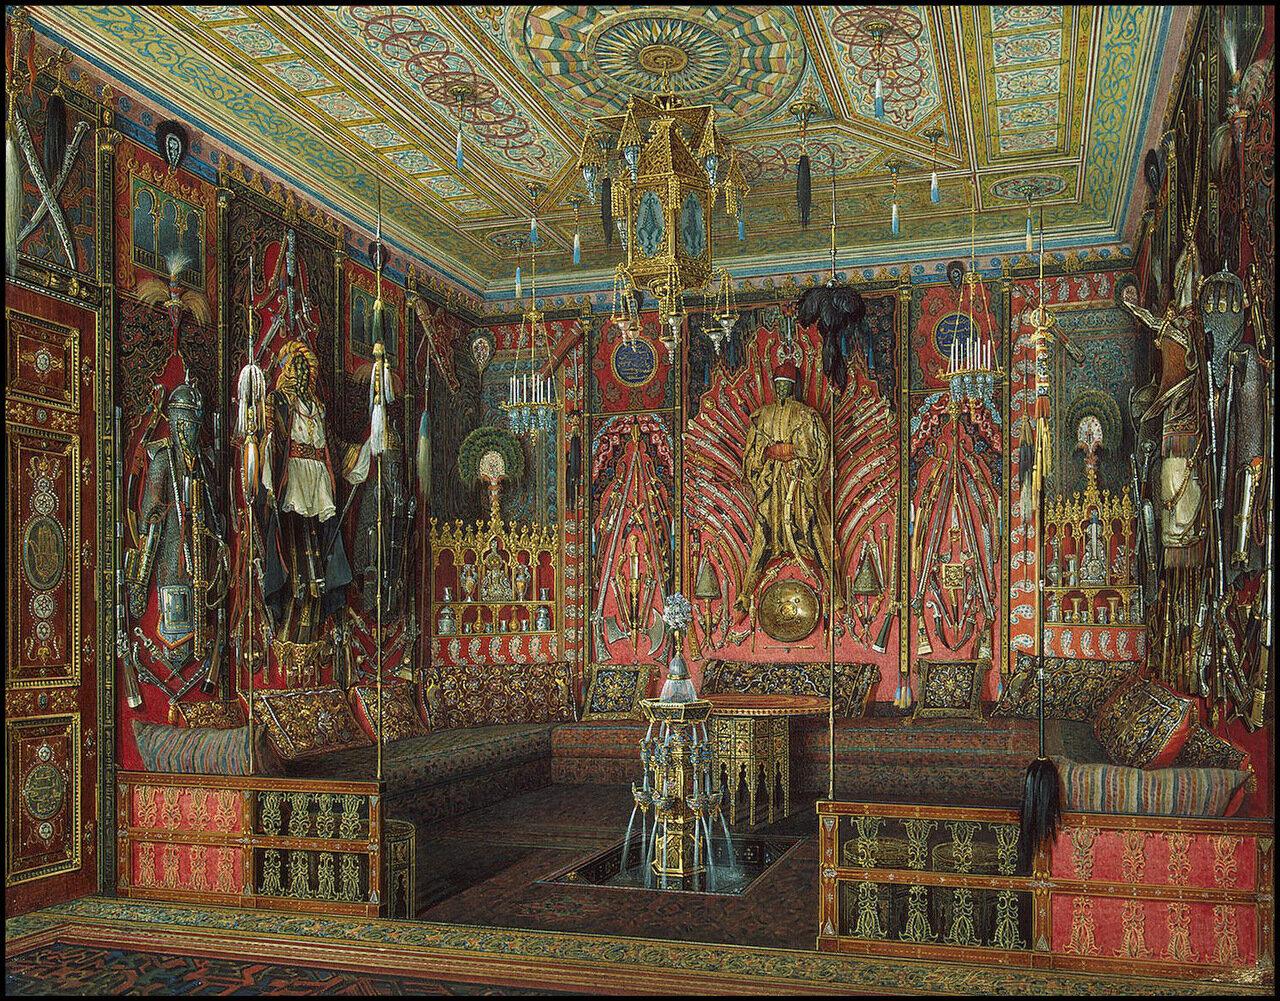 Интерьеры турецкой комнаты в Екатерининском дворце Царского Села